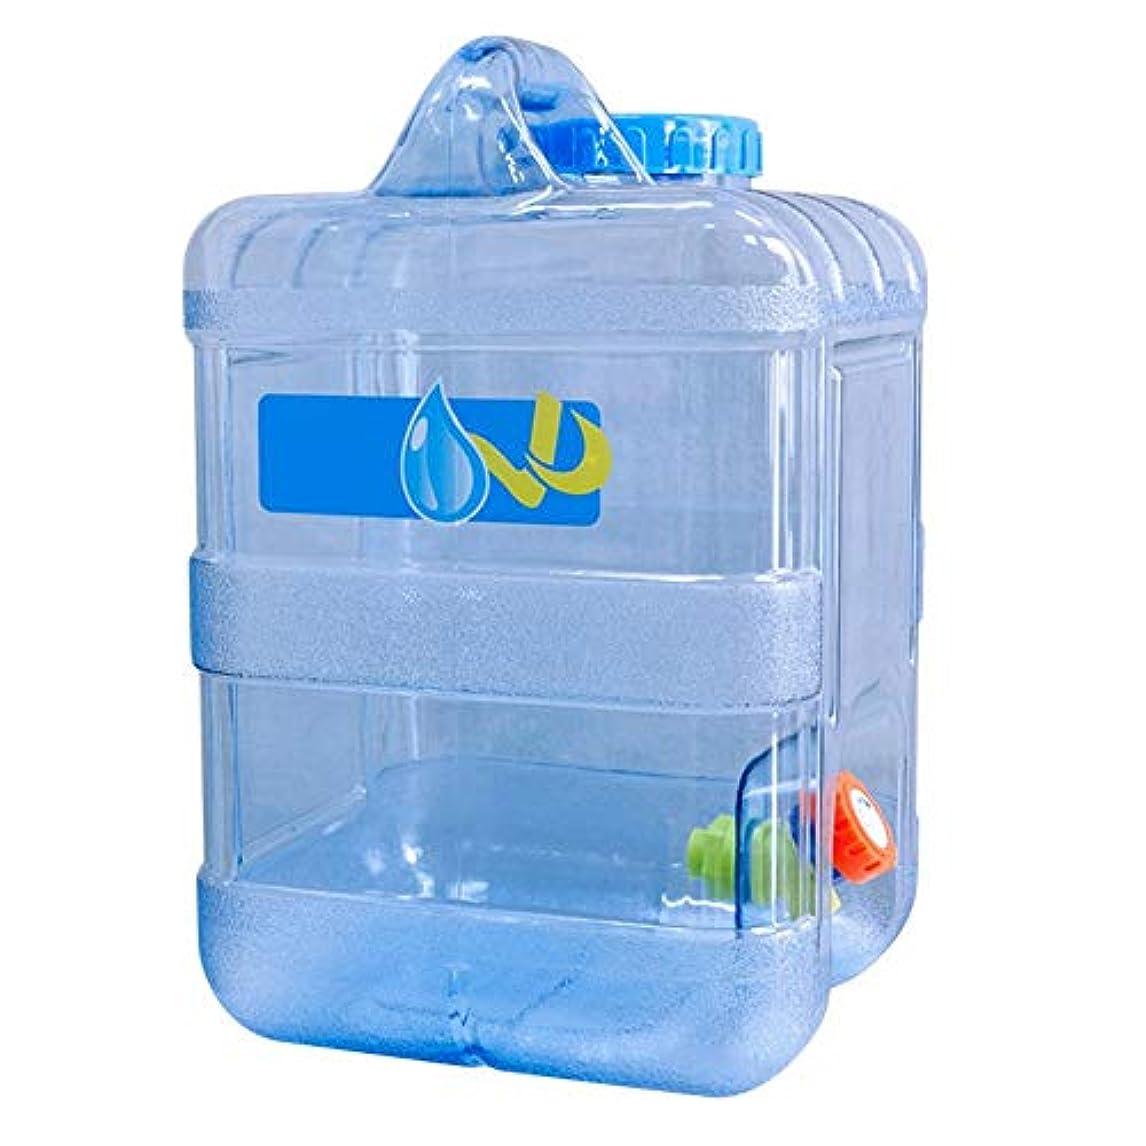 愚かなリレーまだらウォータータンク 水缶 緊急用 アウトドア 非常用 防災 持ち運び便利 大容量、緊急用ウォーターアウトドア収納ポータブル、キャンプ/ハイキング/クライミング、15L